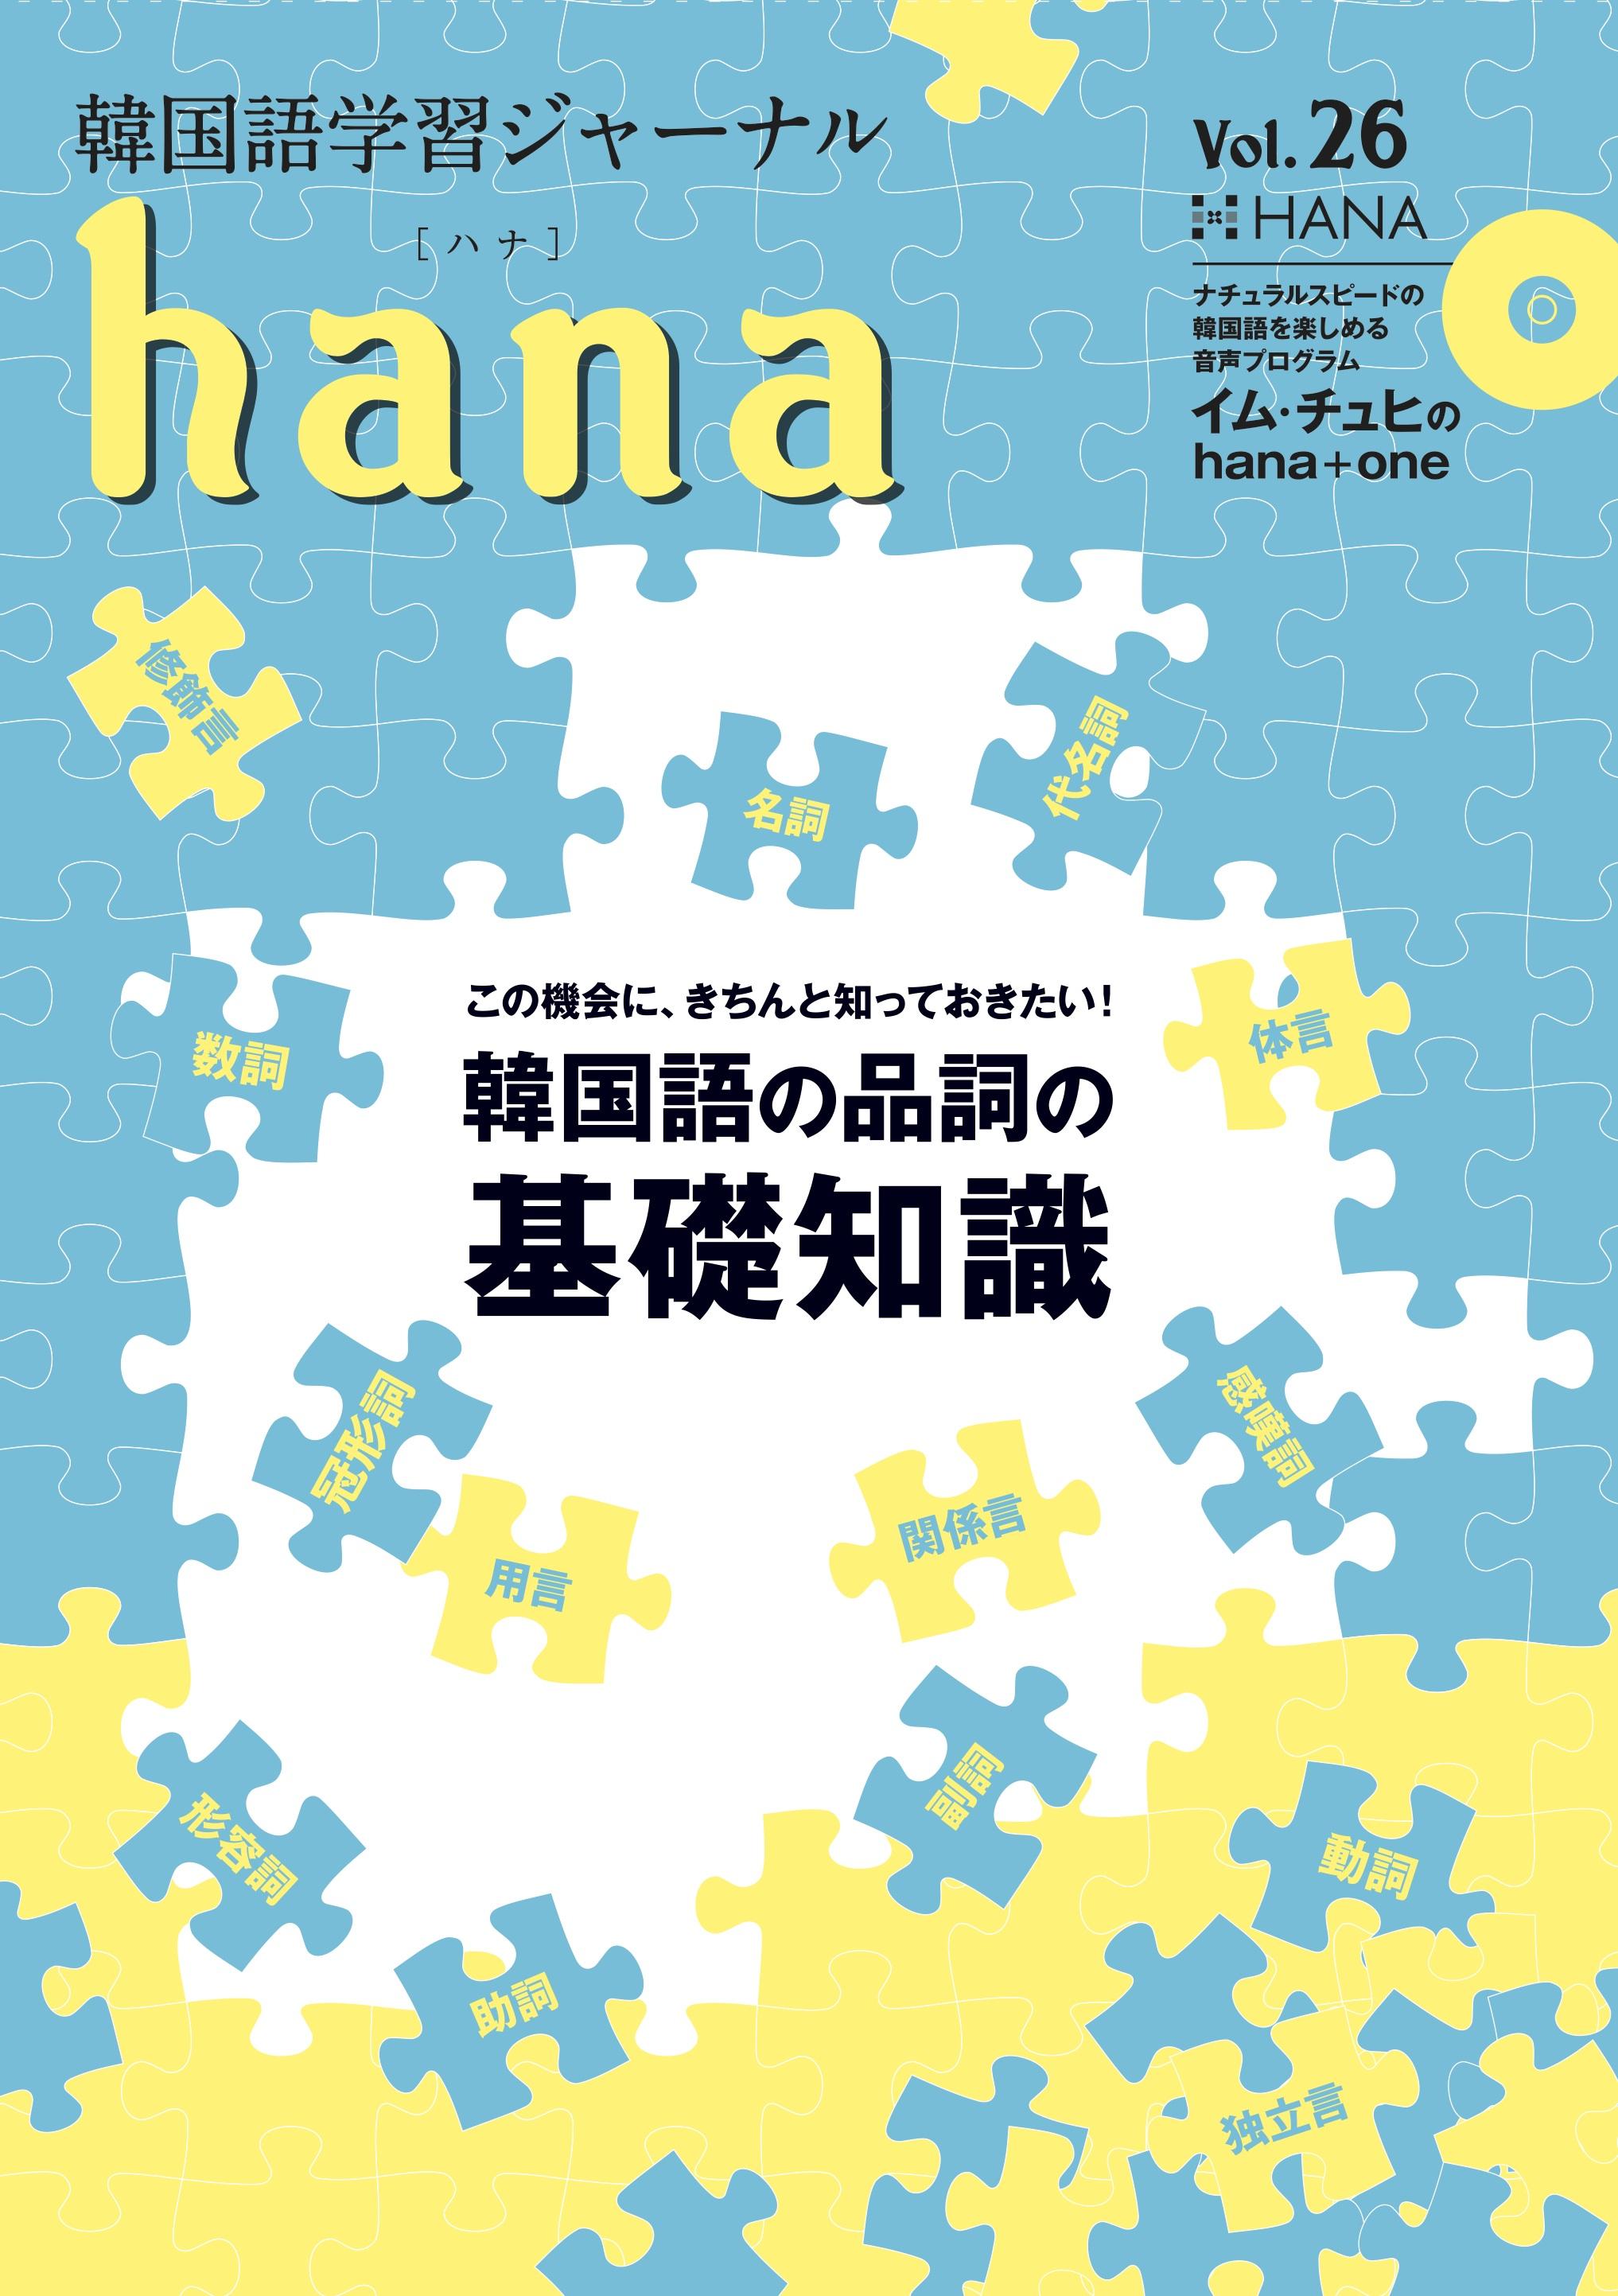 『韓国語学習ジャーナルhana Vol. 26』のイメージ